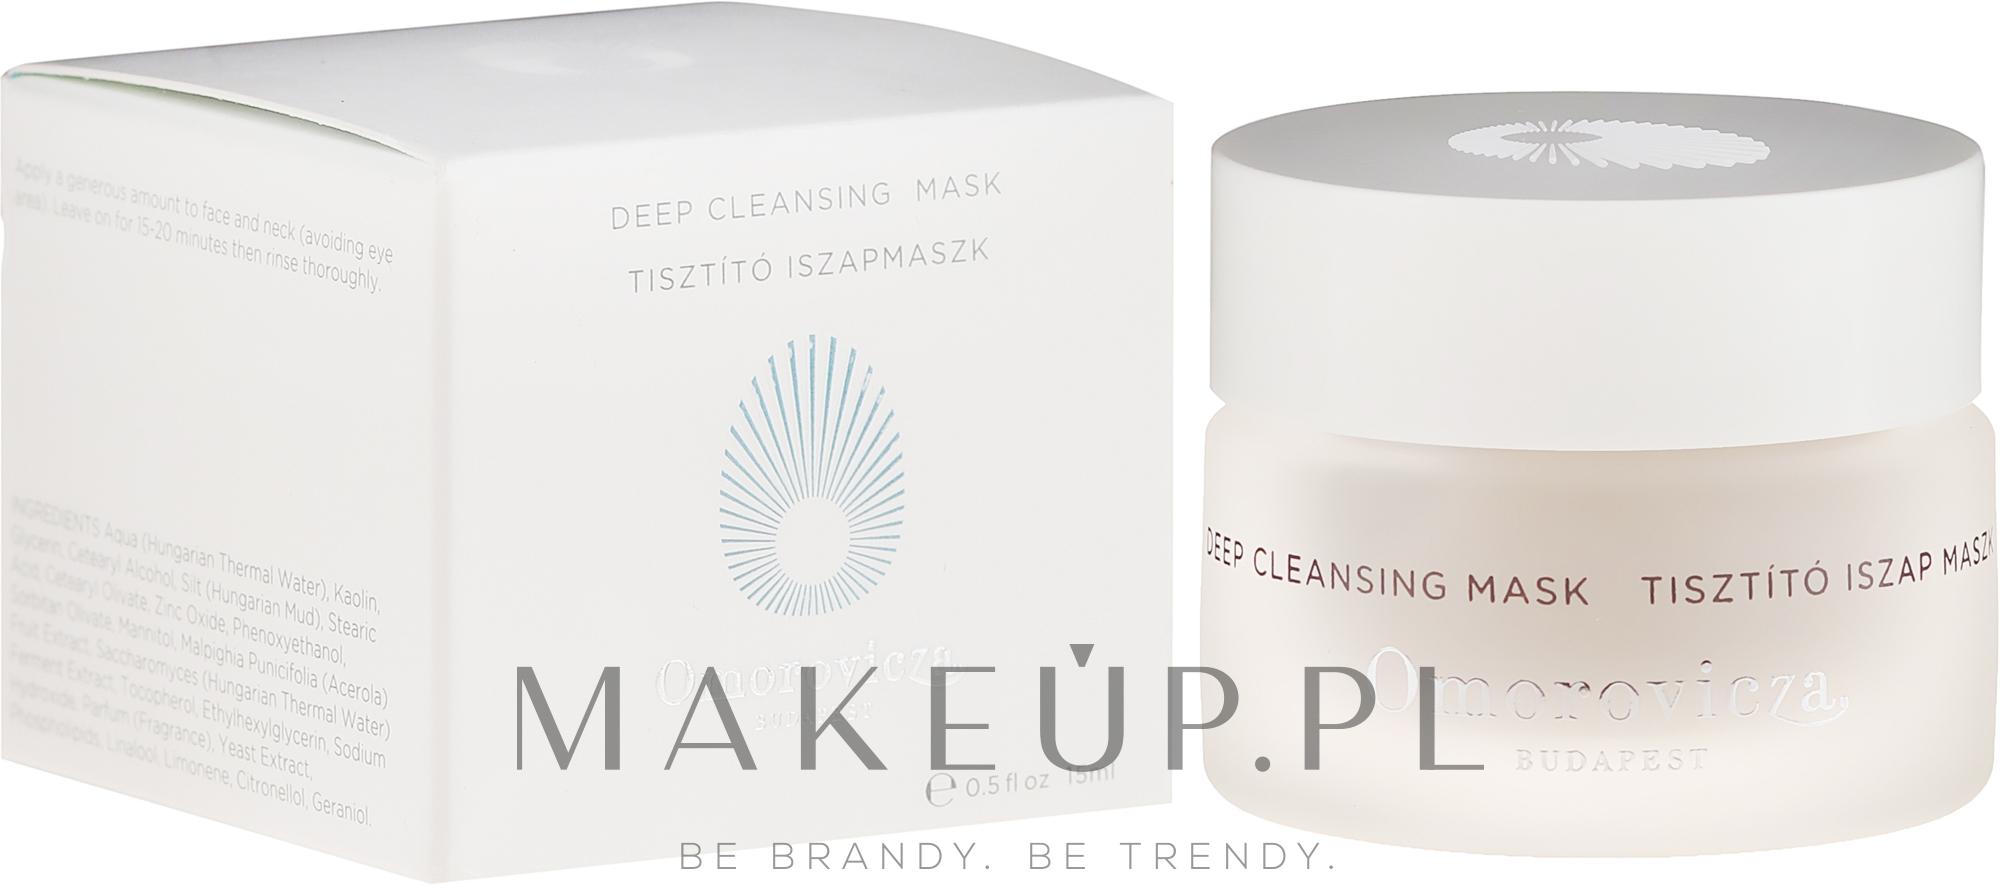 PRZECENA! Oczyszczająca maska do twarzy - Omorovicza Deep Cleansing Mask (miniprodukt) * — фото 15 ml